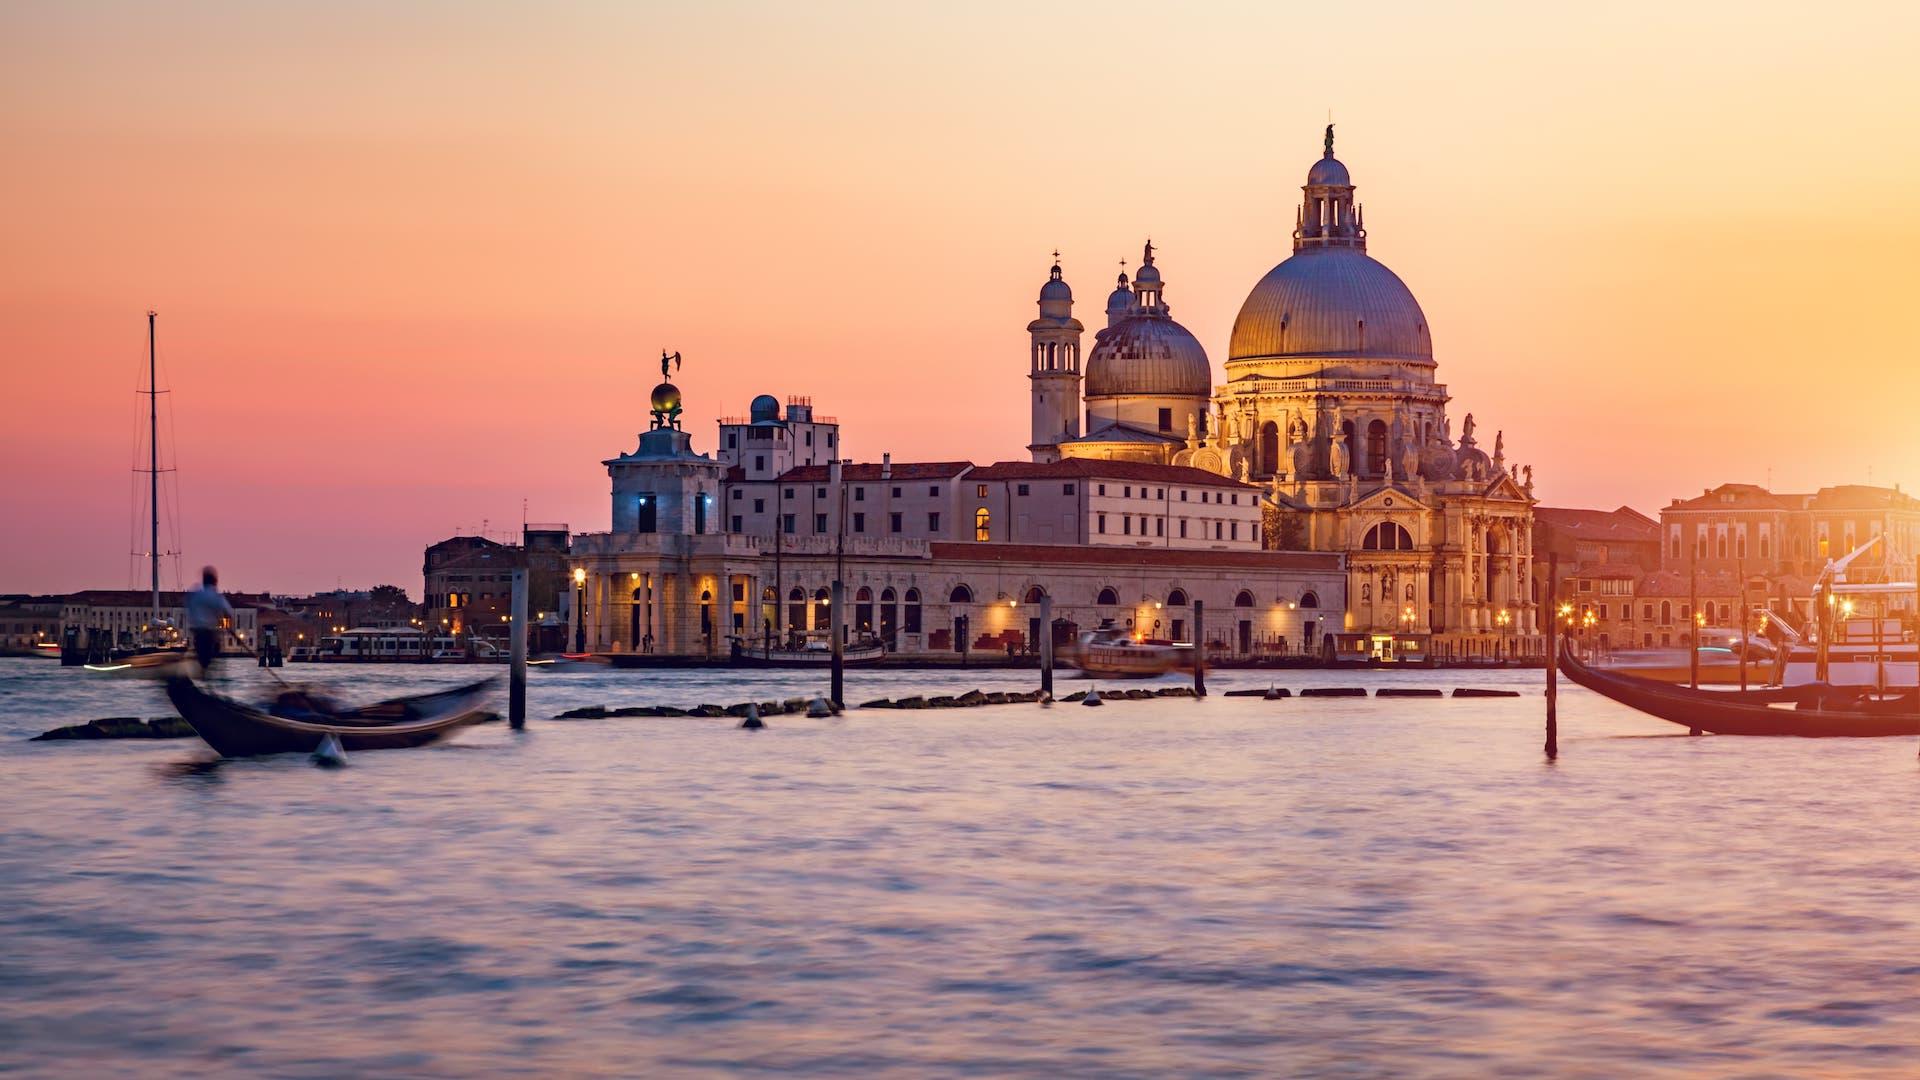 El gobierno de Italia confirmó la prohibición de cruceros en Venecia